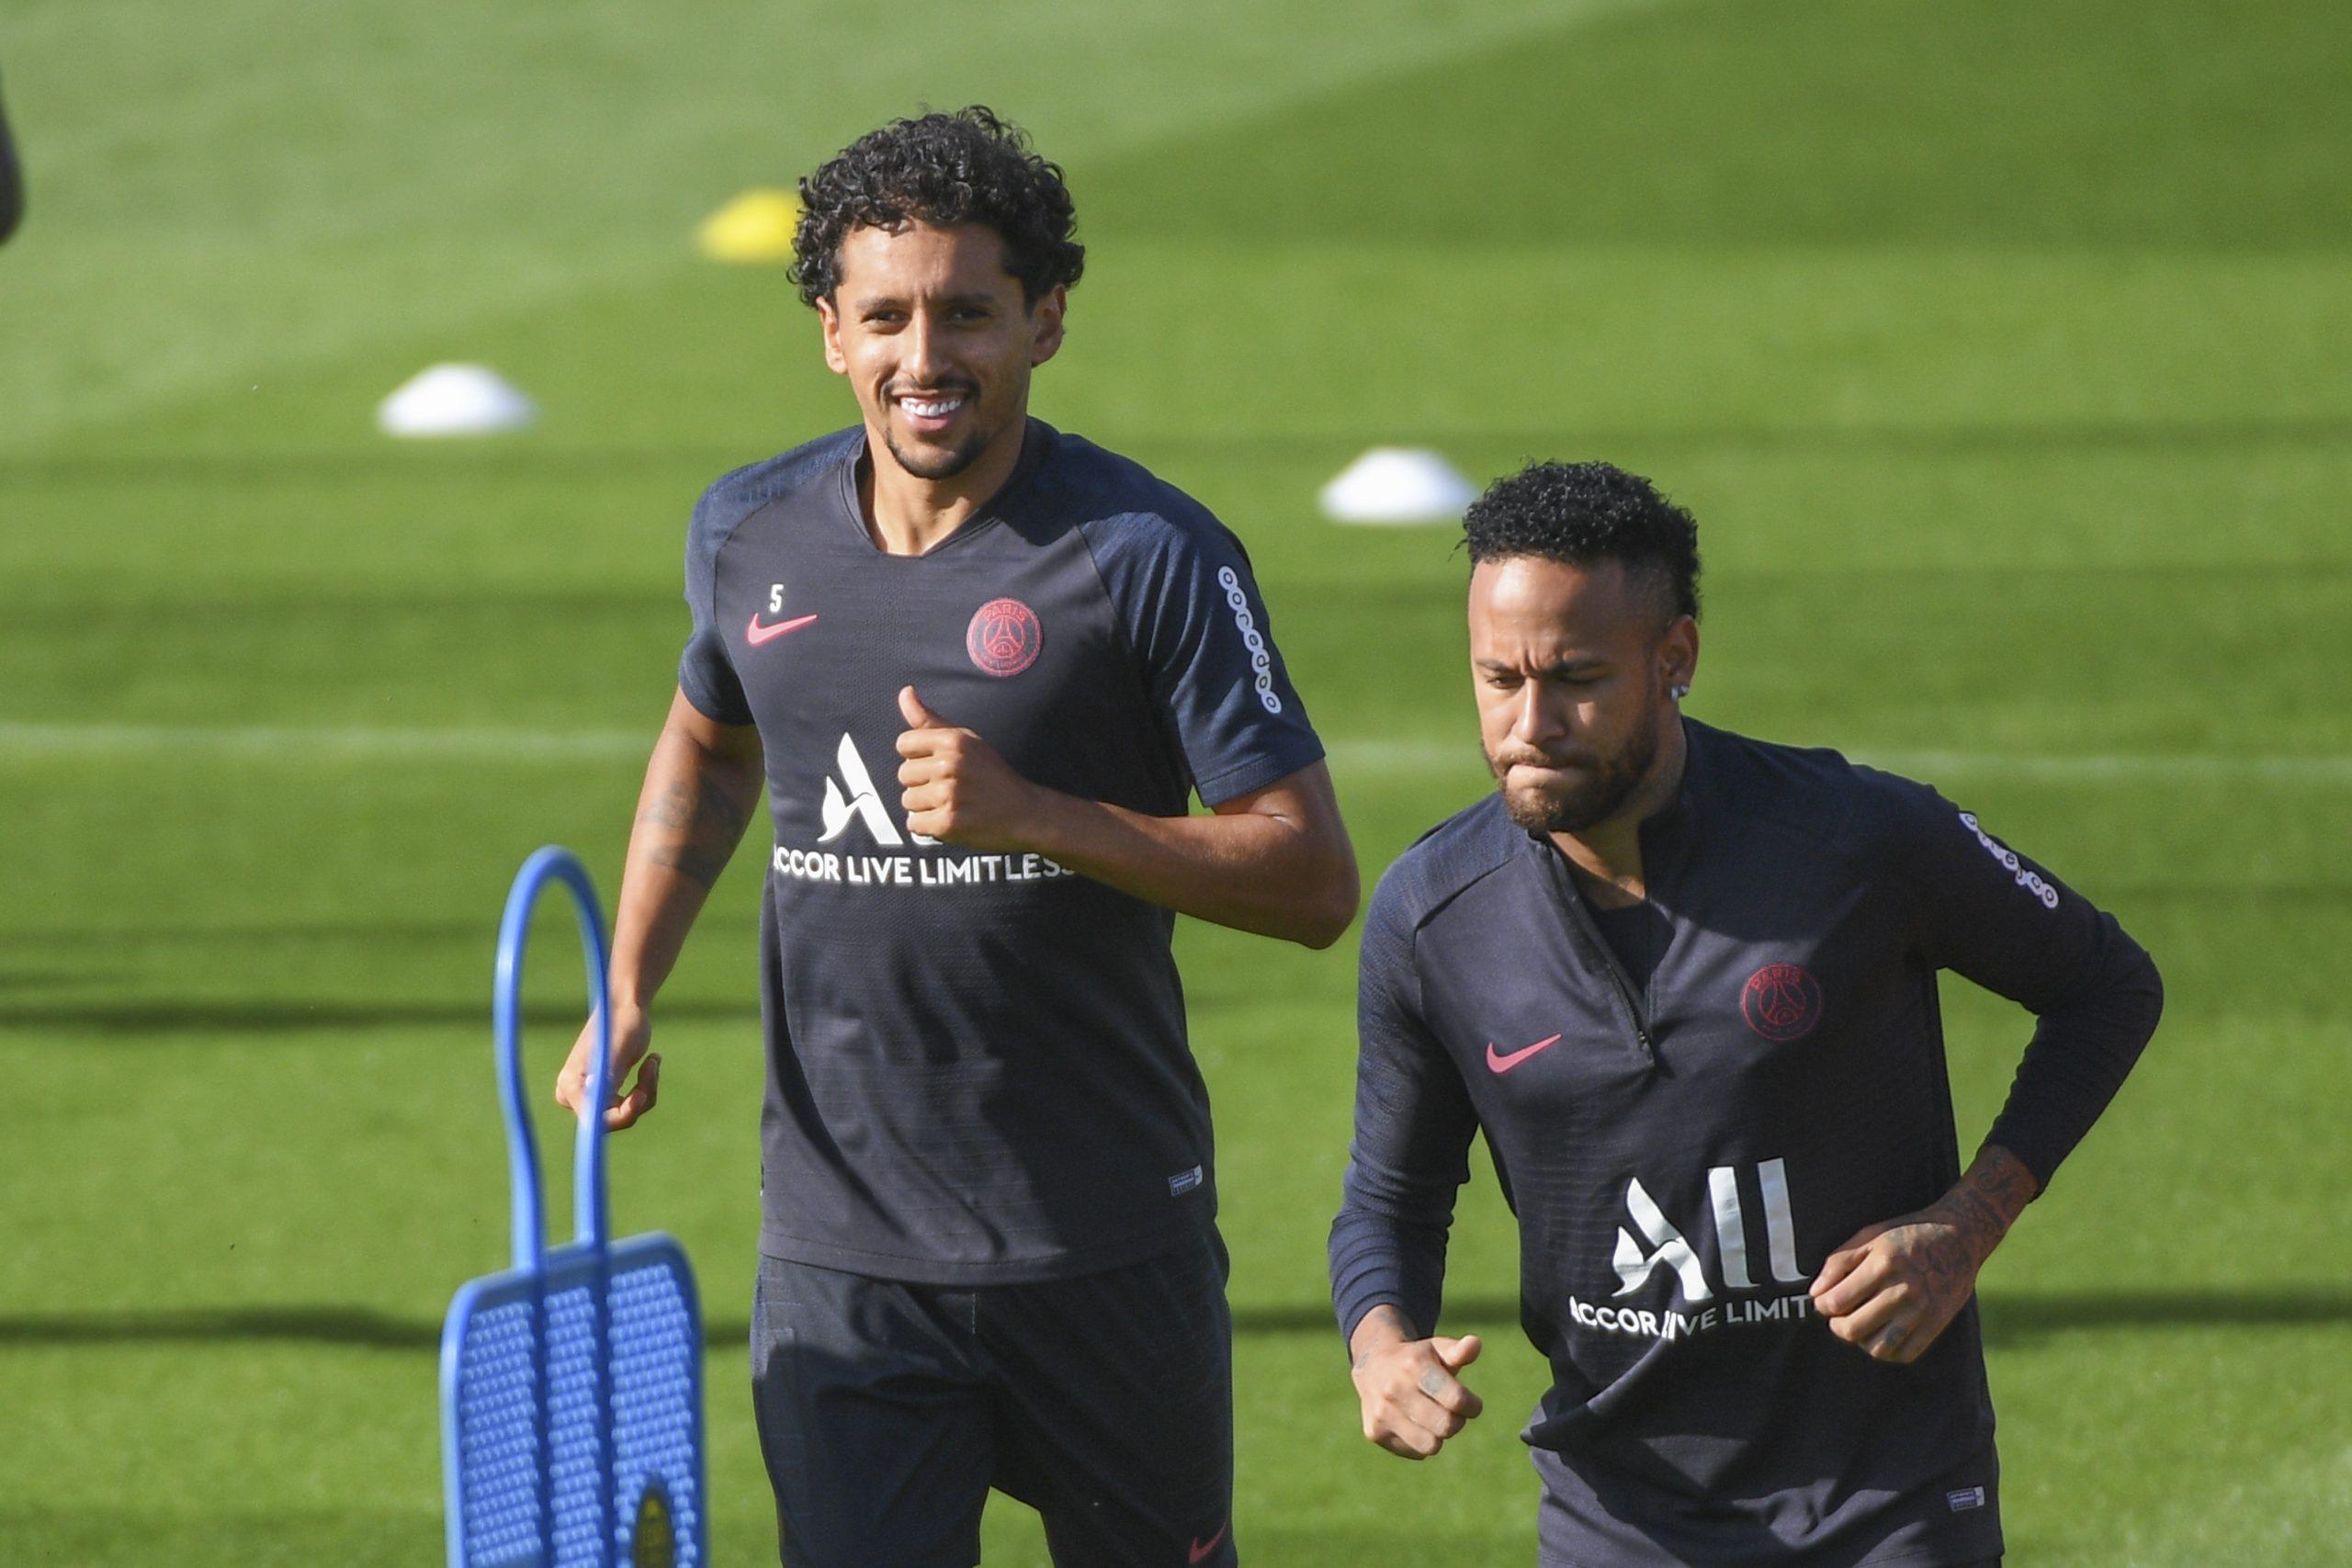 PSG/OL - Neymar et Marquinhos à l'entraînement ce samedi, pas Bernat